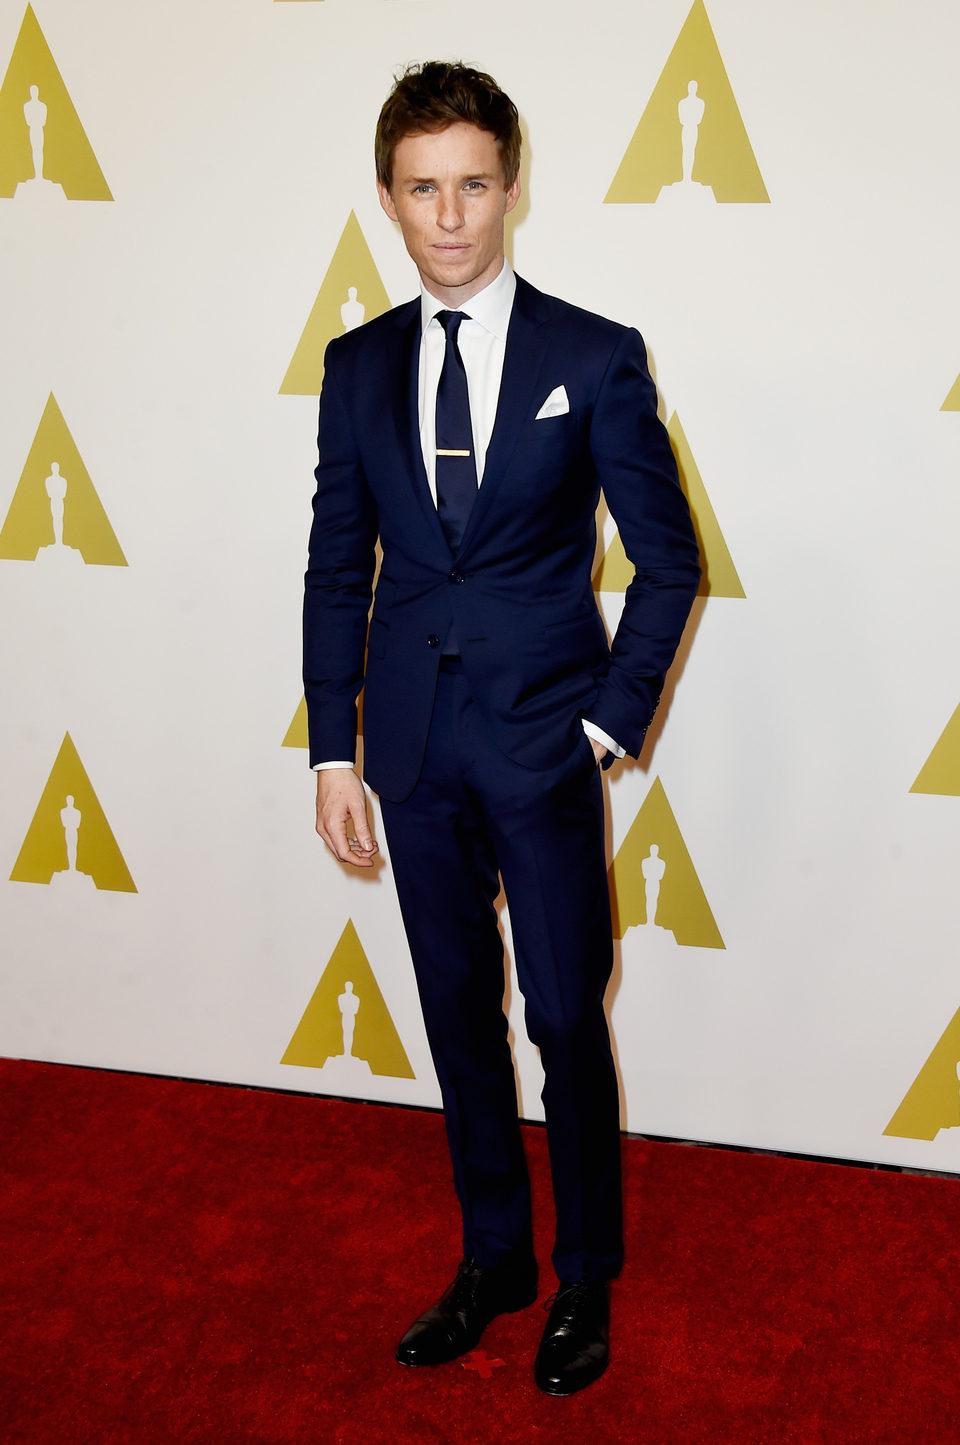 Eddie Redmayne en el almuerzo de los nominados a los Oscar 2015